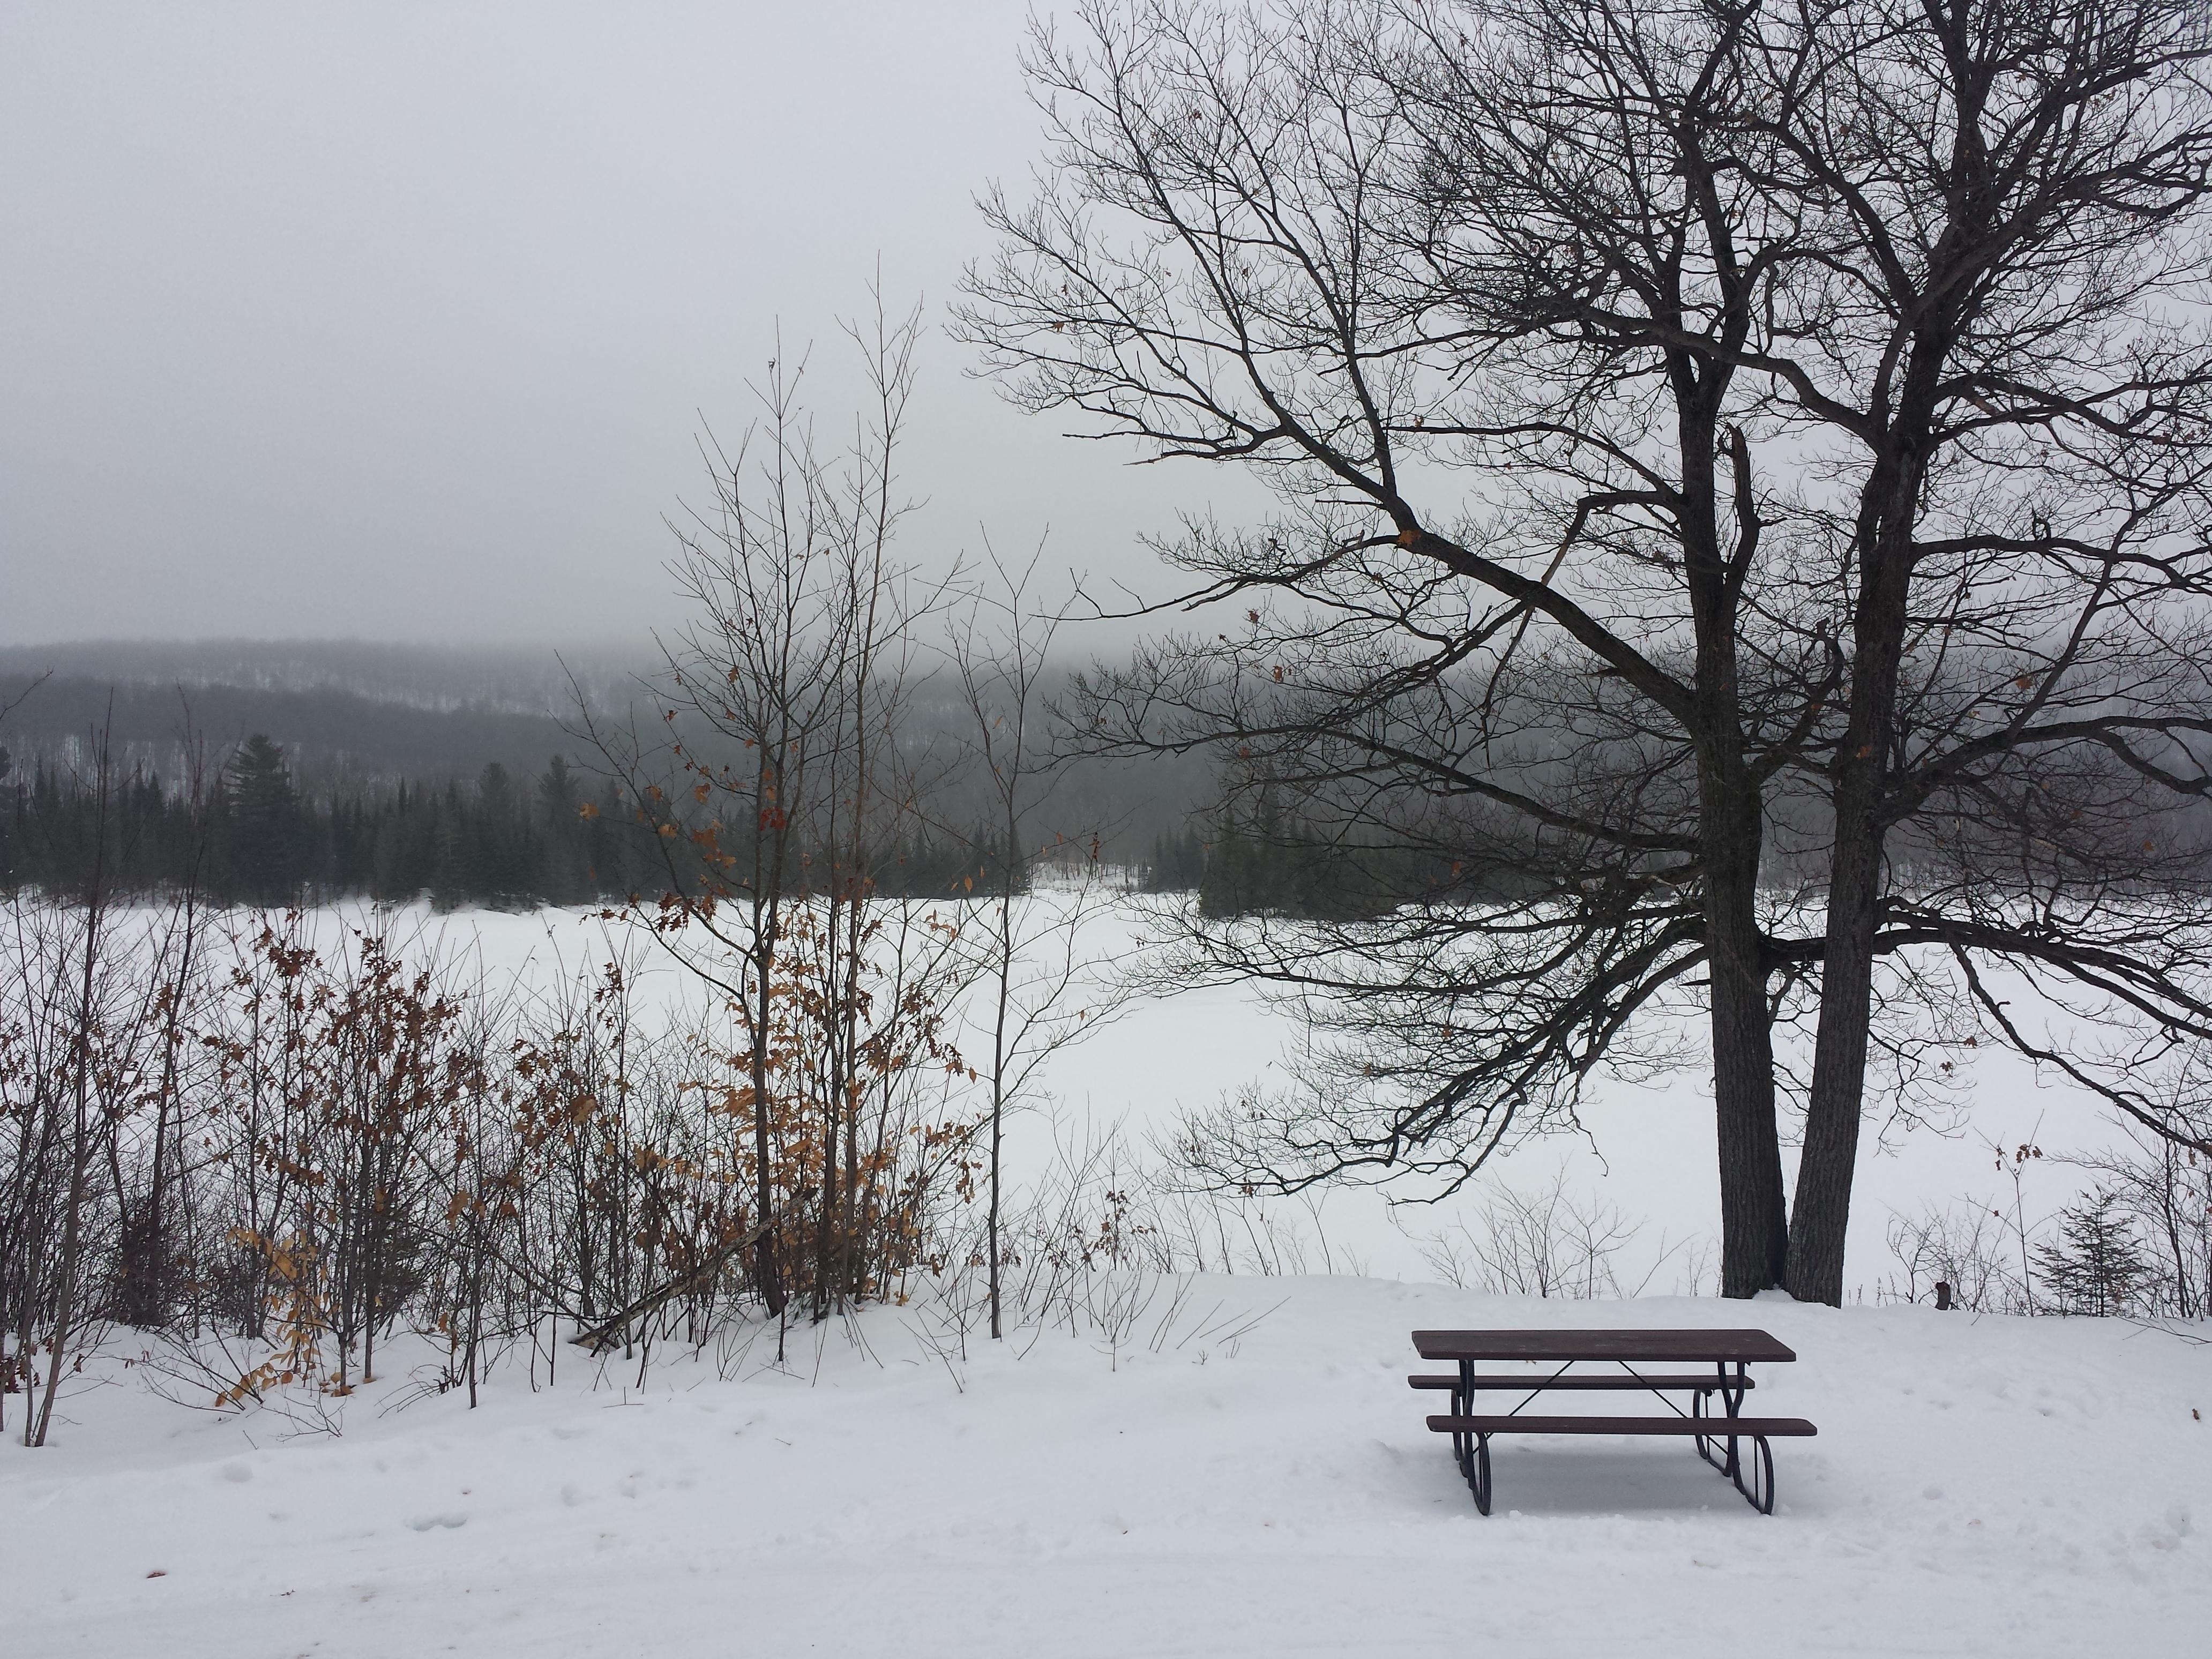 La vue imprenable sur le Lac Lusk!